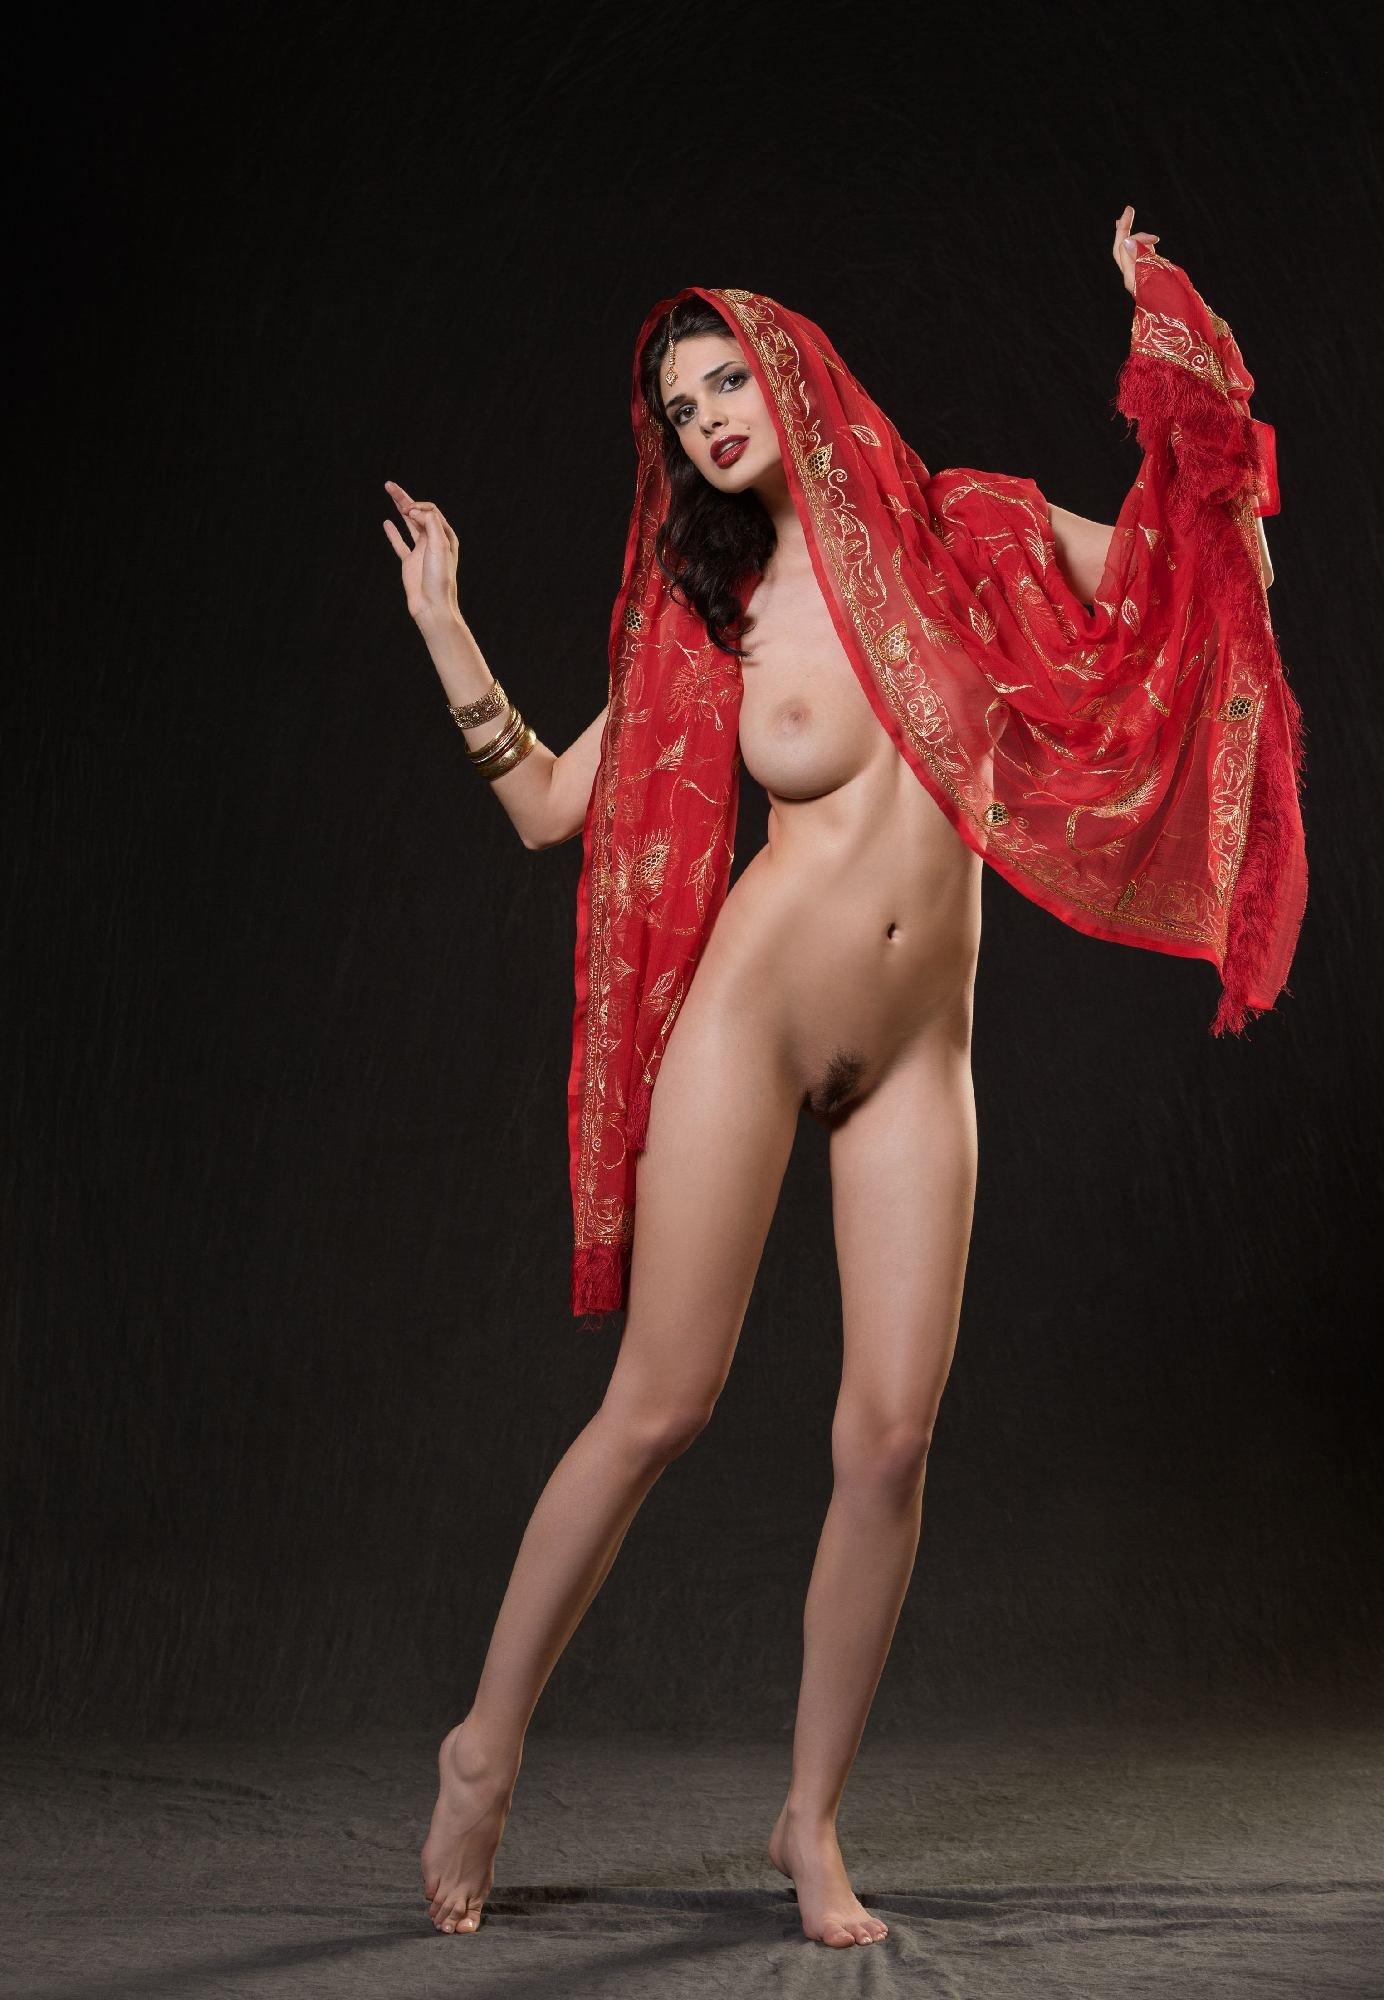 Эротические фотографии индианок — pic 11